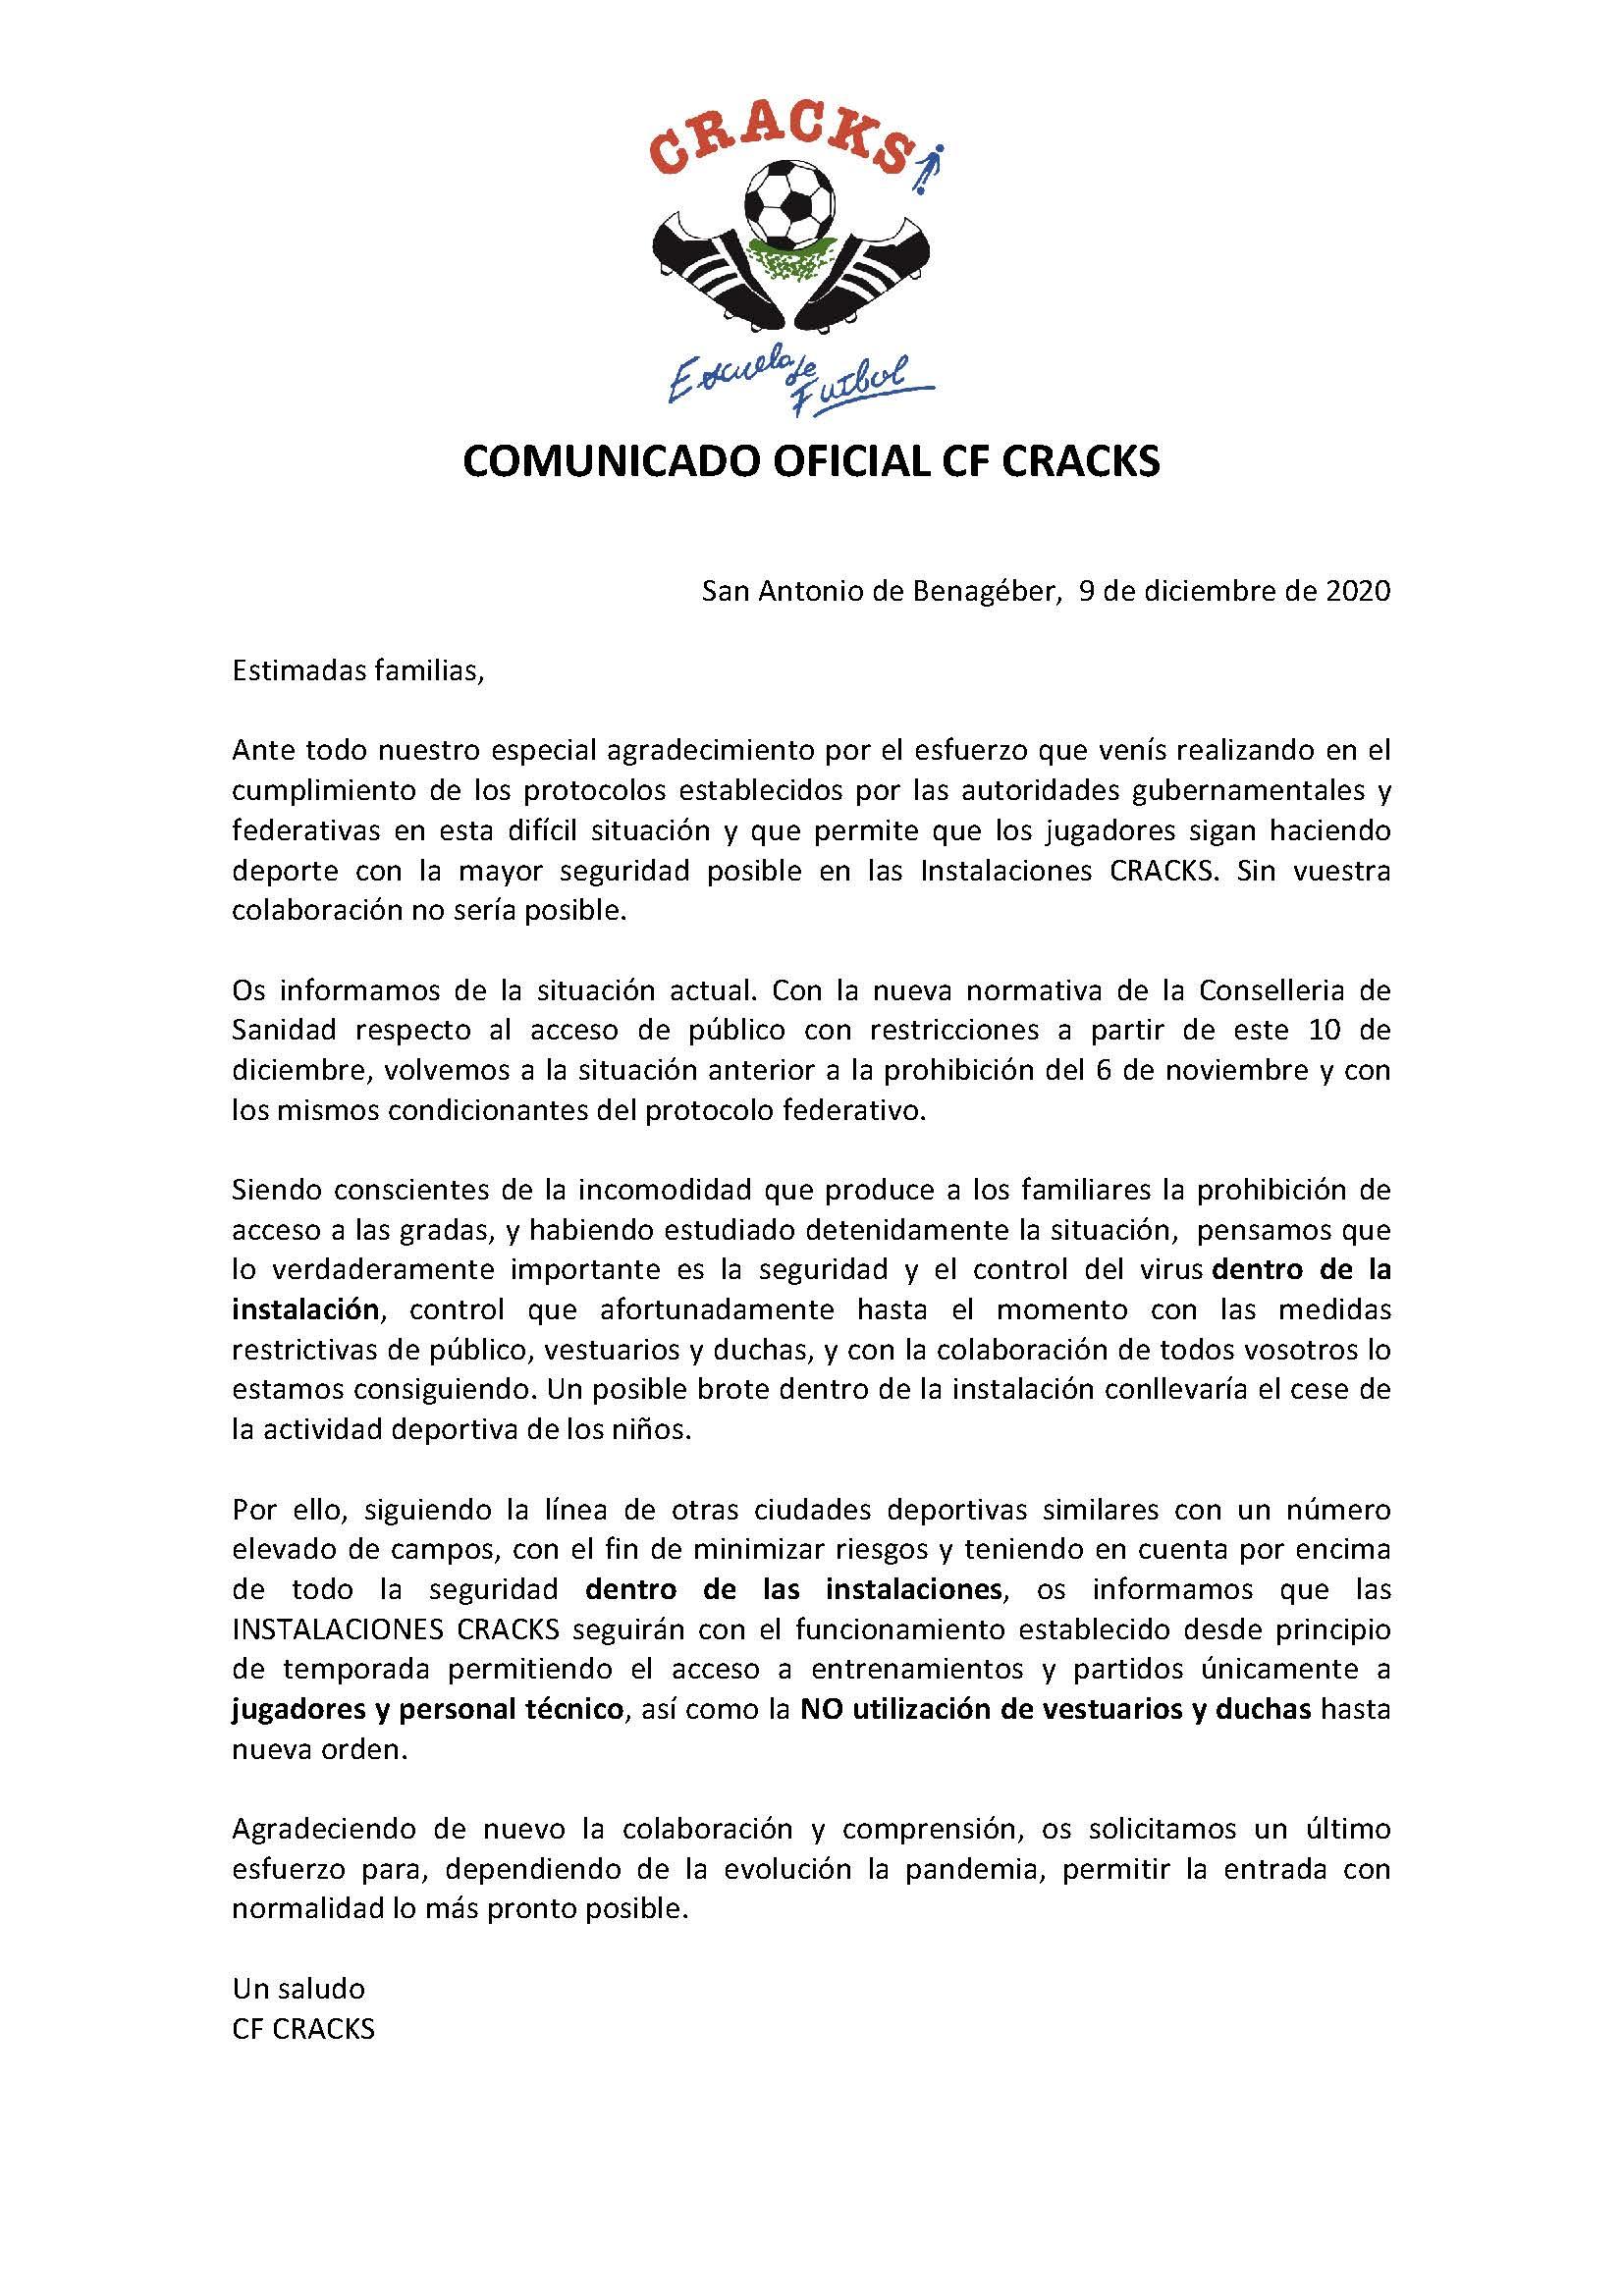 COMUNICADO 5 COVID 19